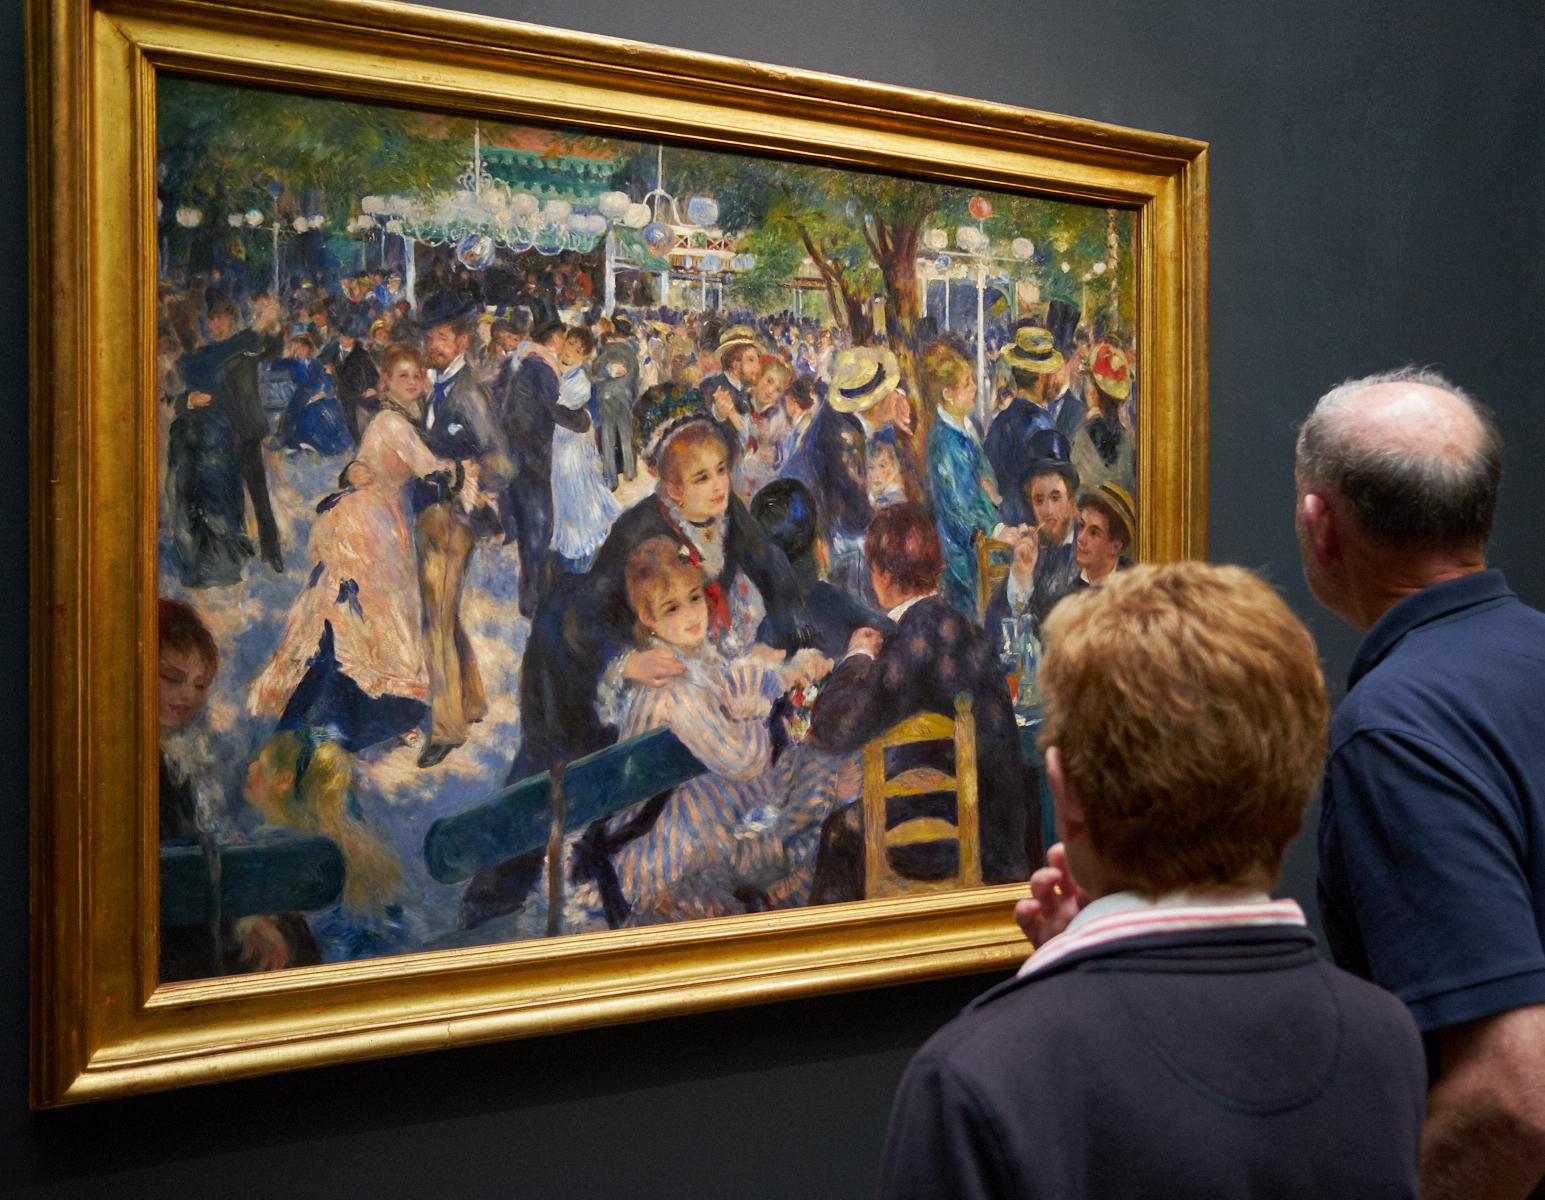 Renoir1600x1200 sRGB.jpg